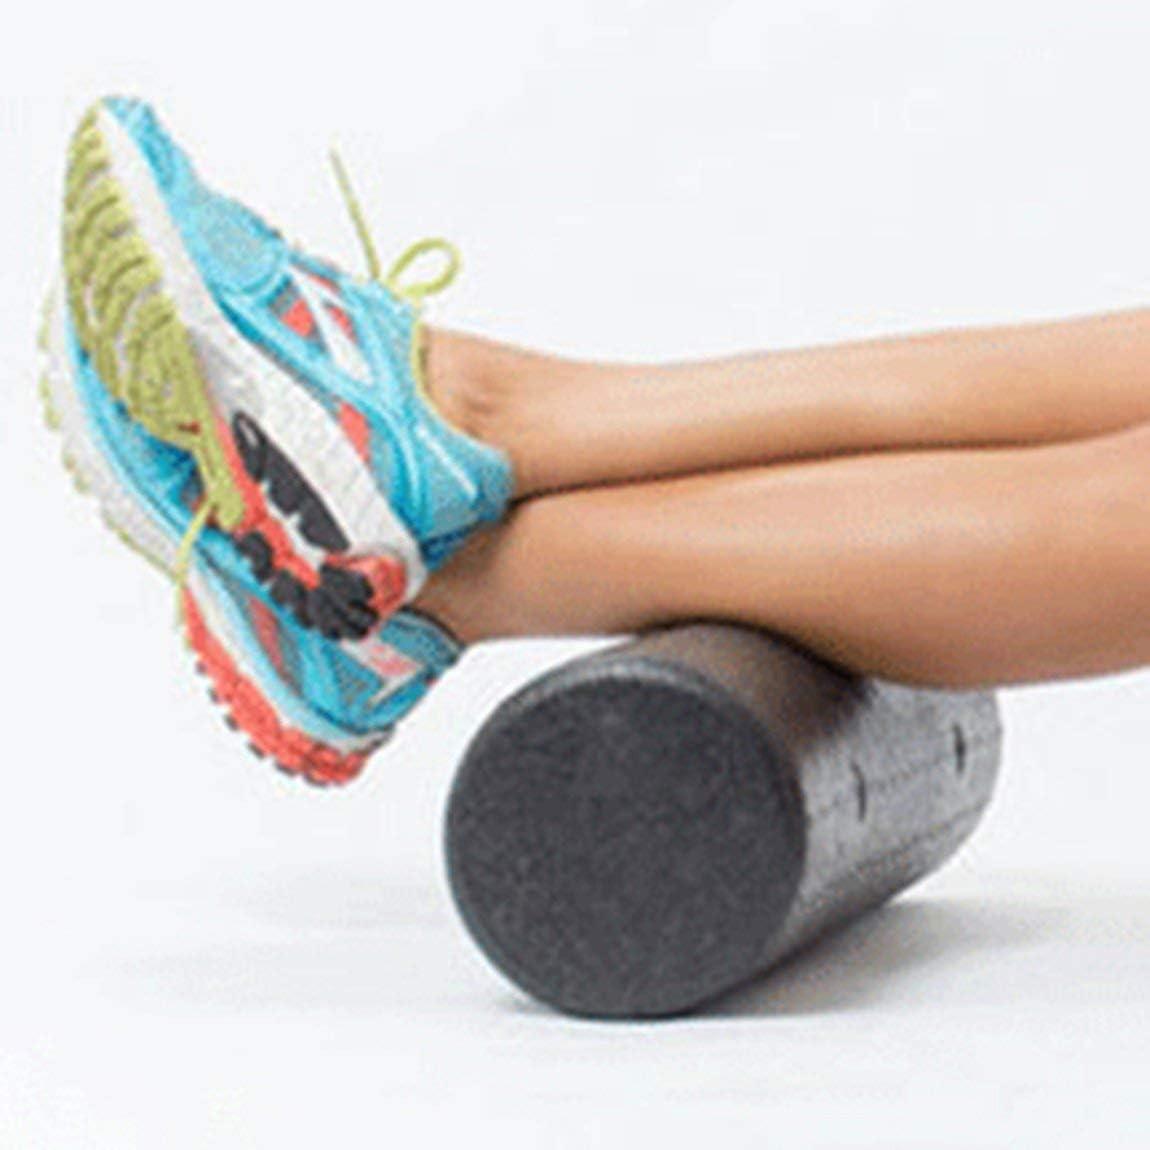 SeniorMar Meilleur Cadeau Extra Ferme Colonne de Yoga Haute densit/é EPP Rouleau en Mousse Muscle Dos Douleur d/éclencheur Yoga Massage lib/ération myofasciale